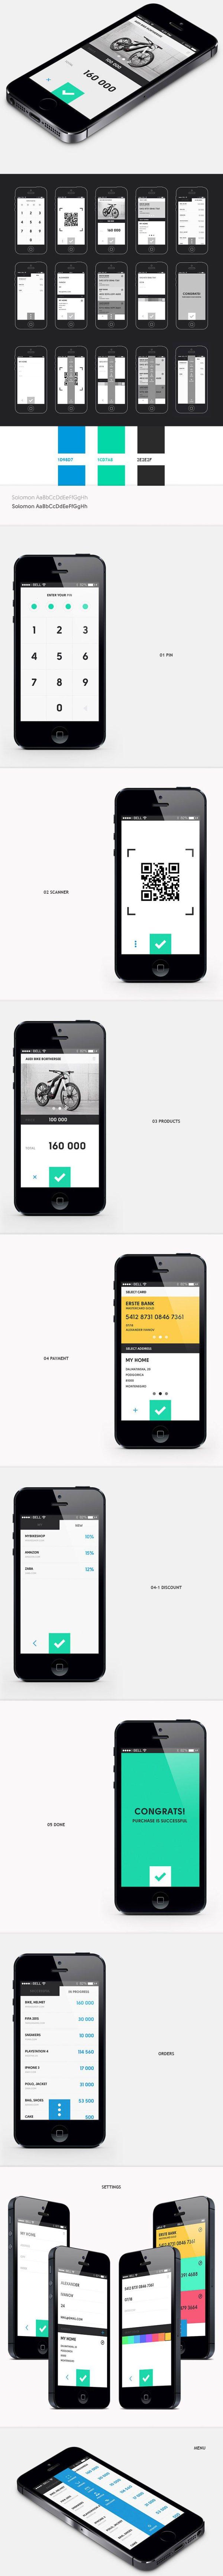 精美的手机APP应用UI设计作品集(3)